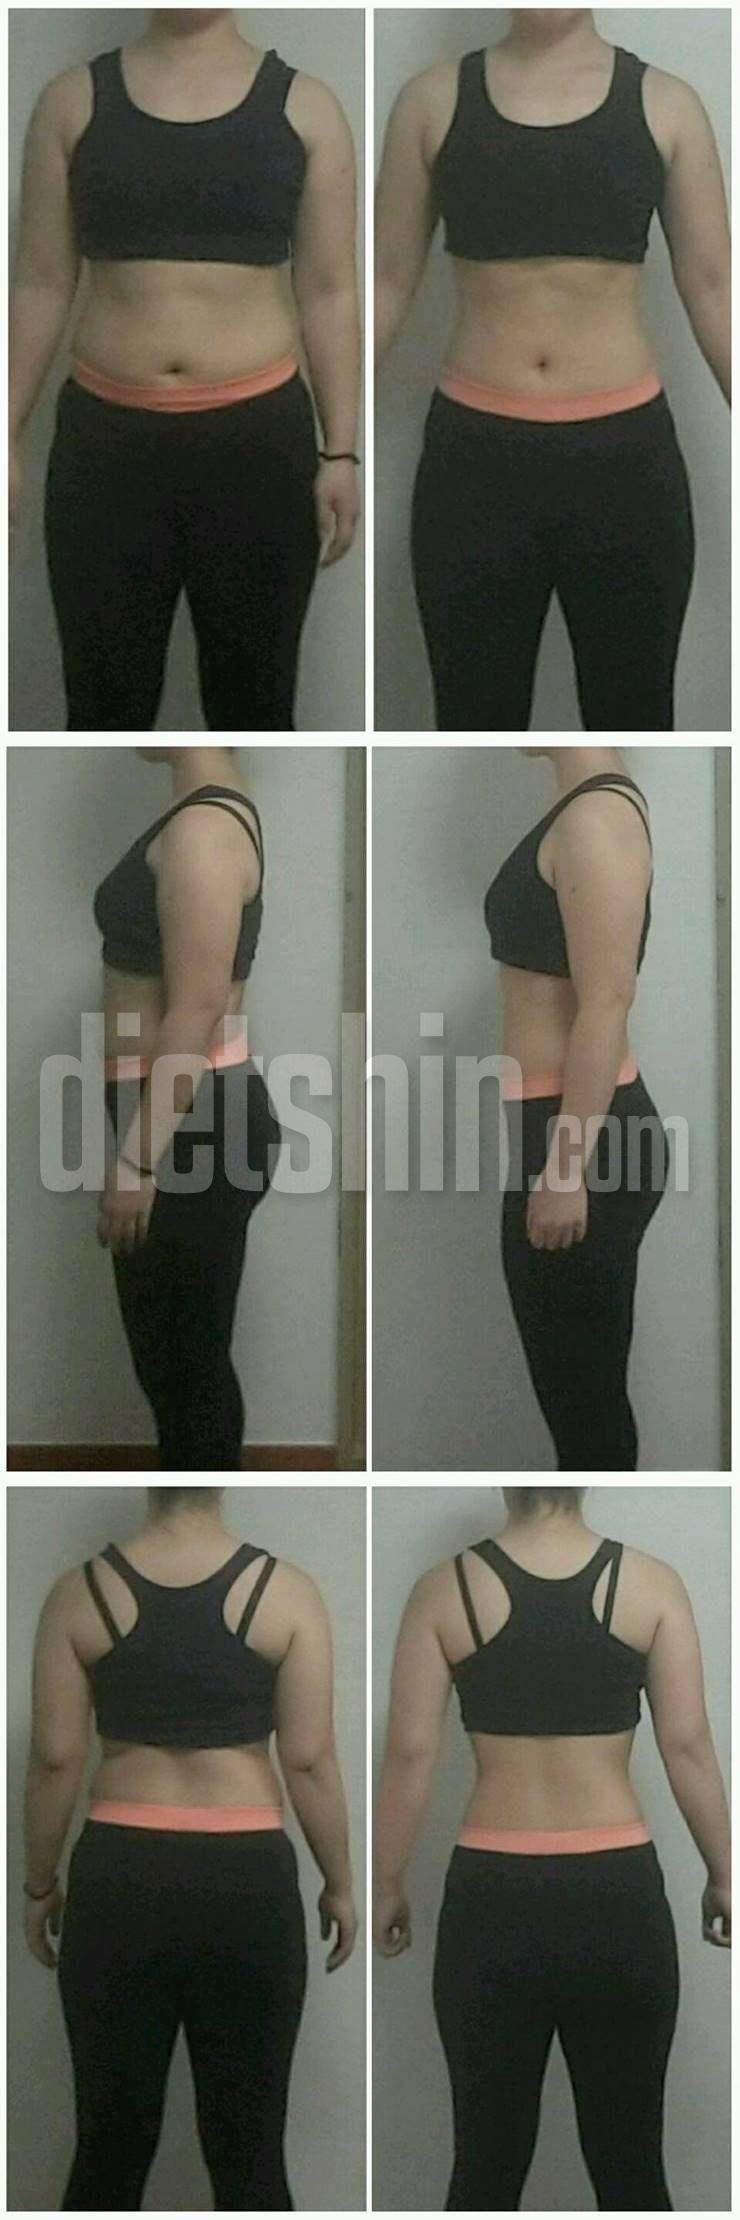 4주간 체지방 7.2kg 감량! 비포앤애프터 공개!